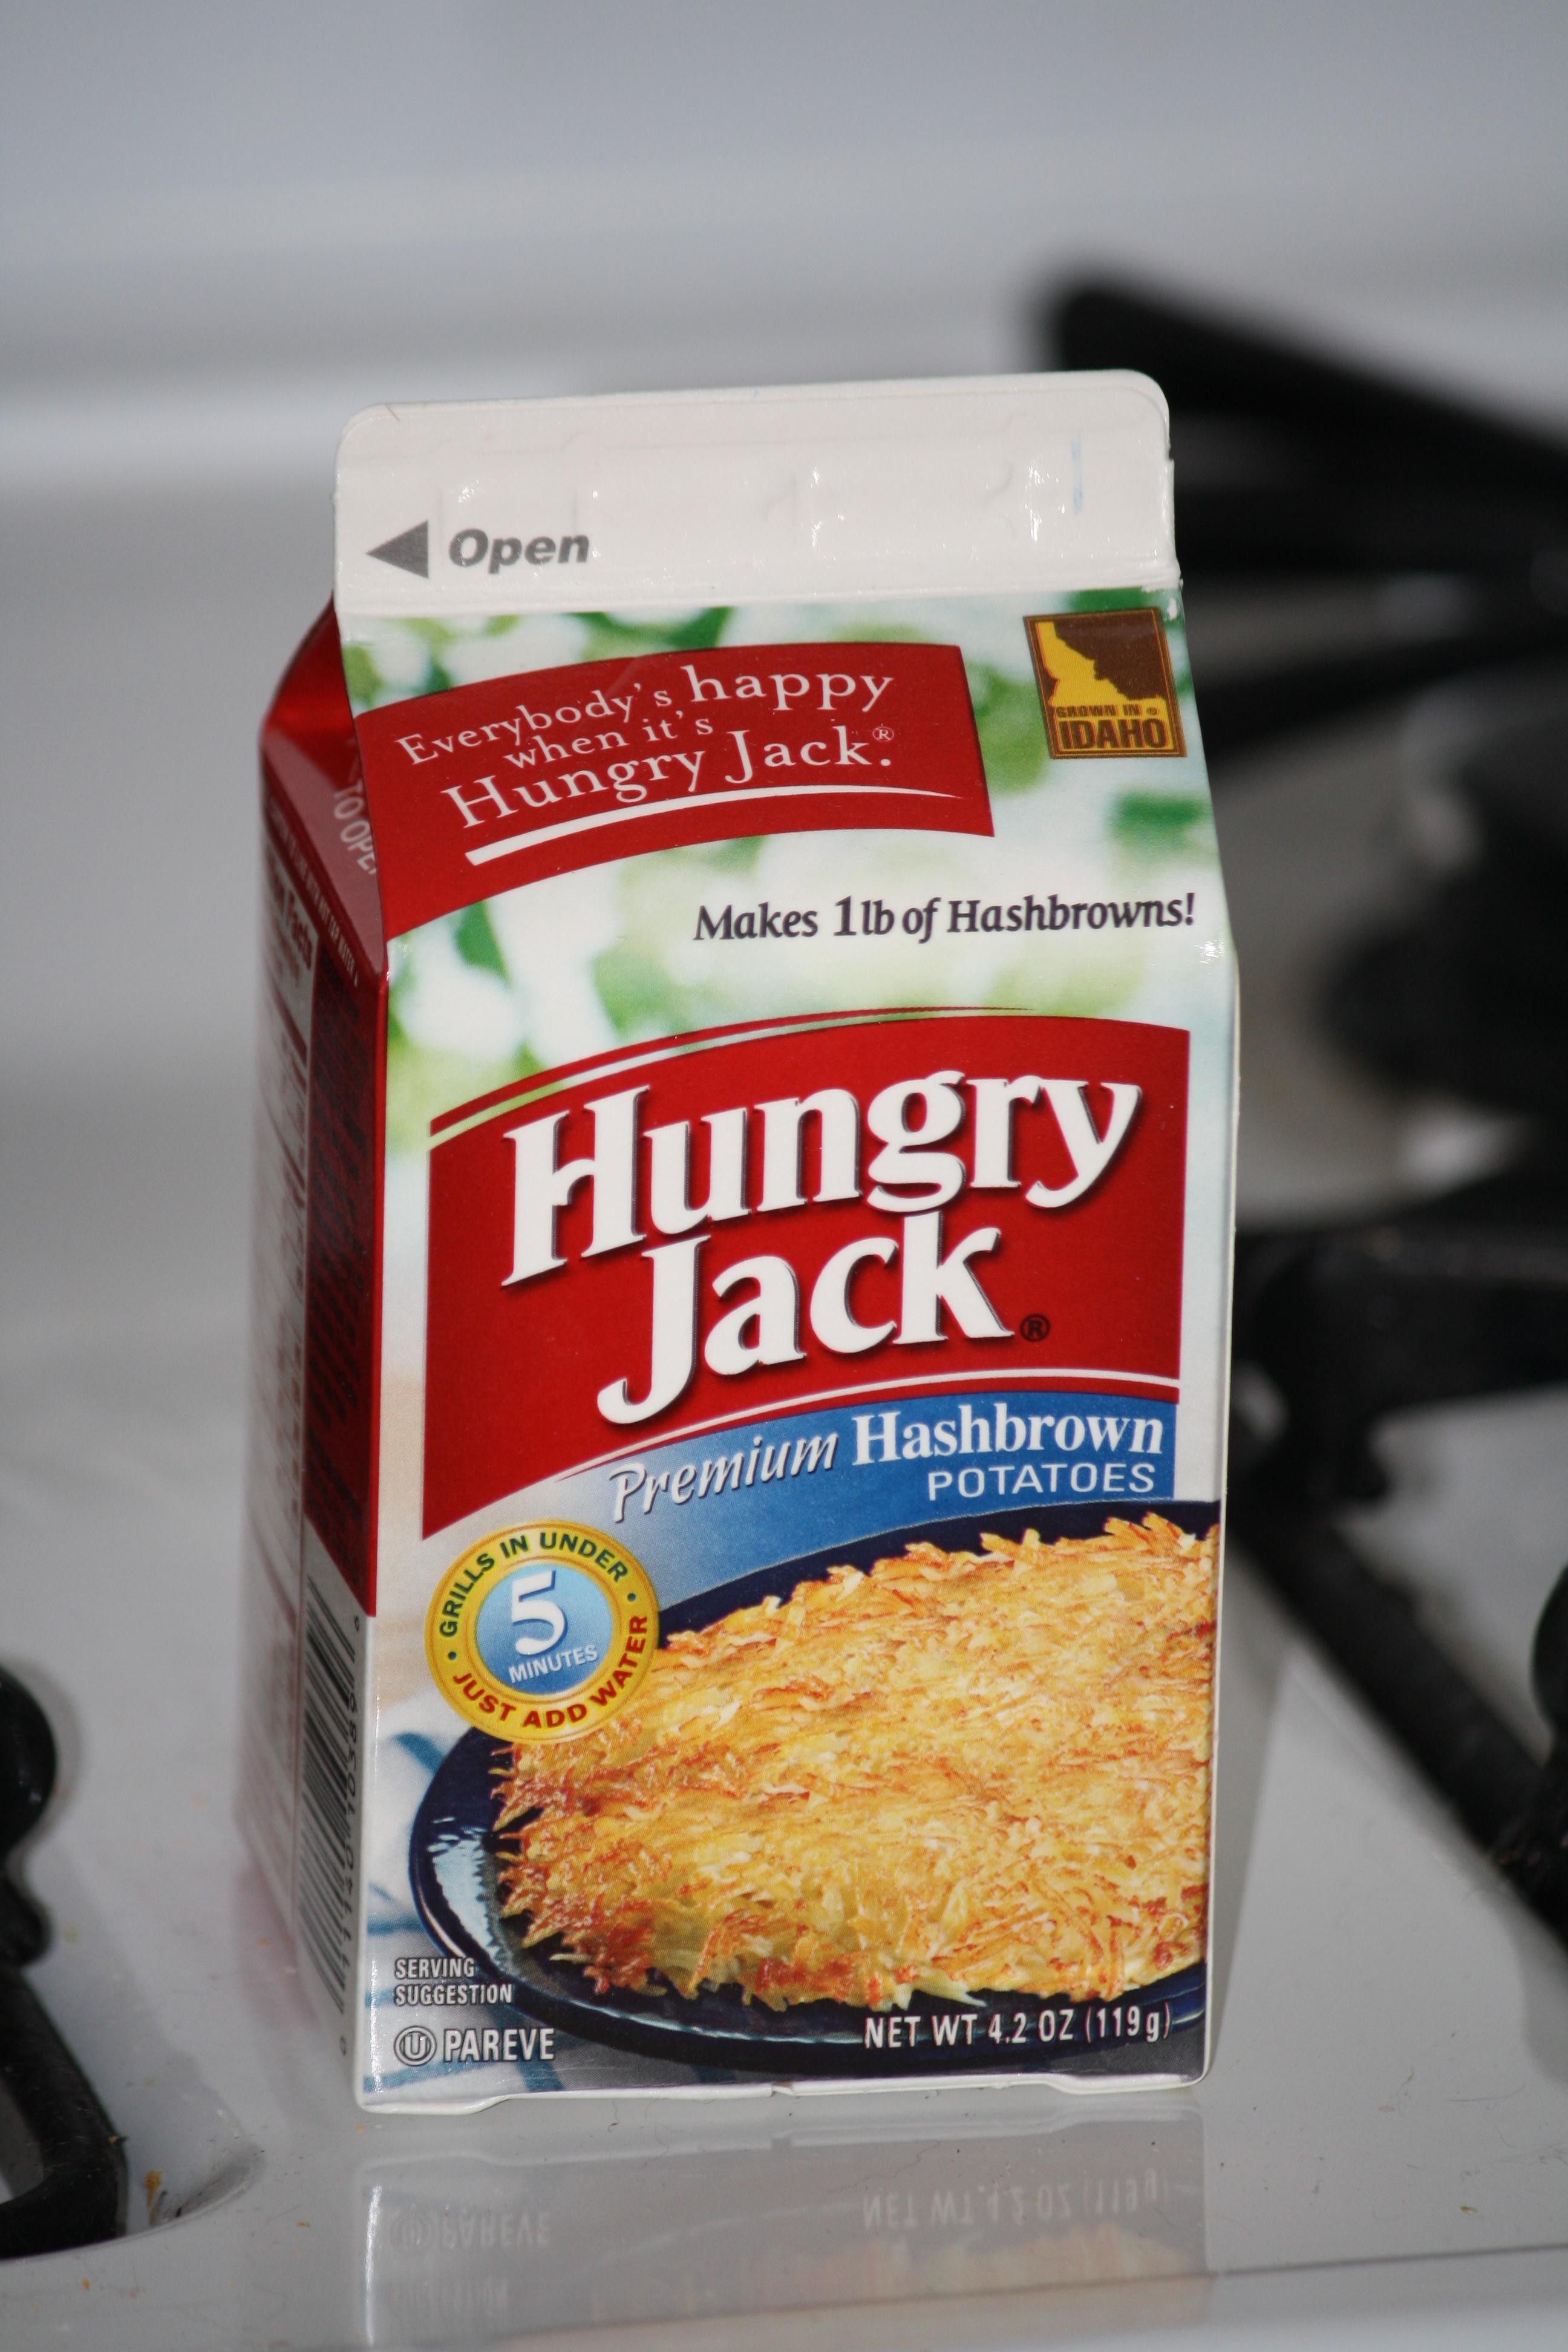 hungry jack hash browns backyard life blogbackyard life blog